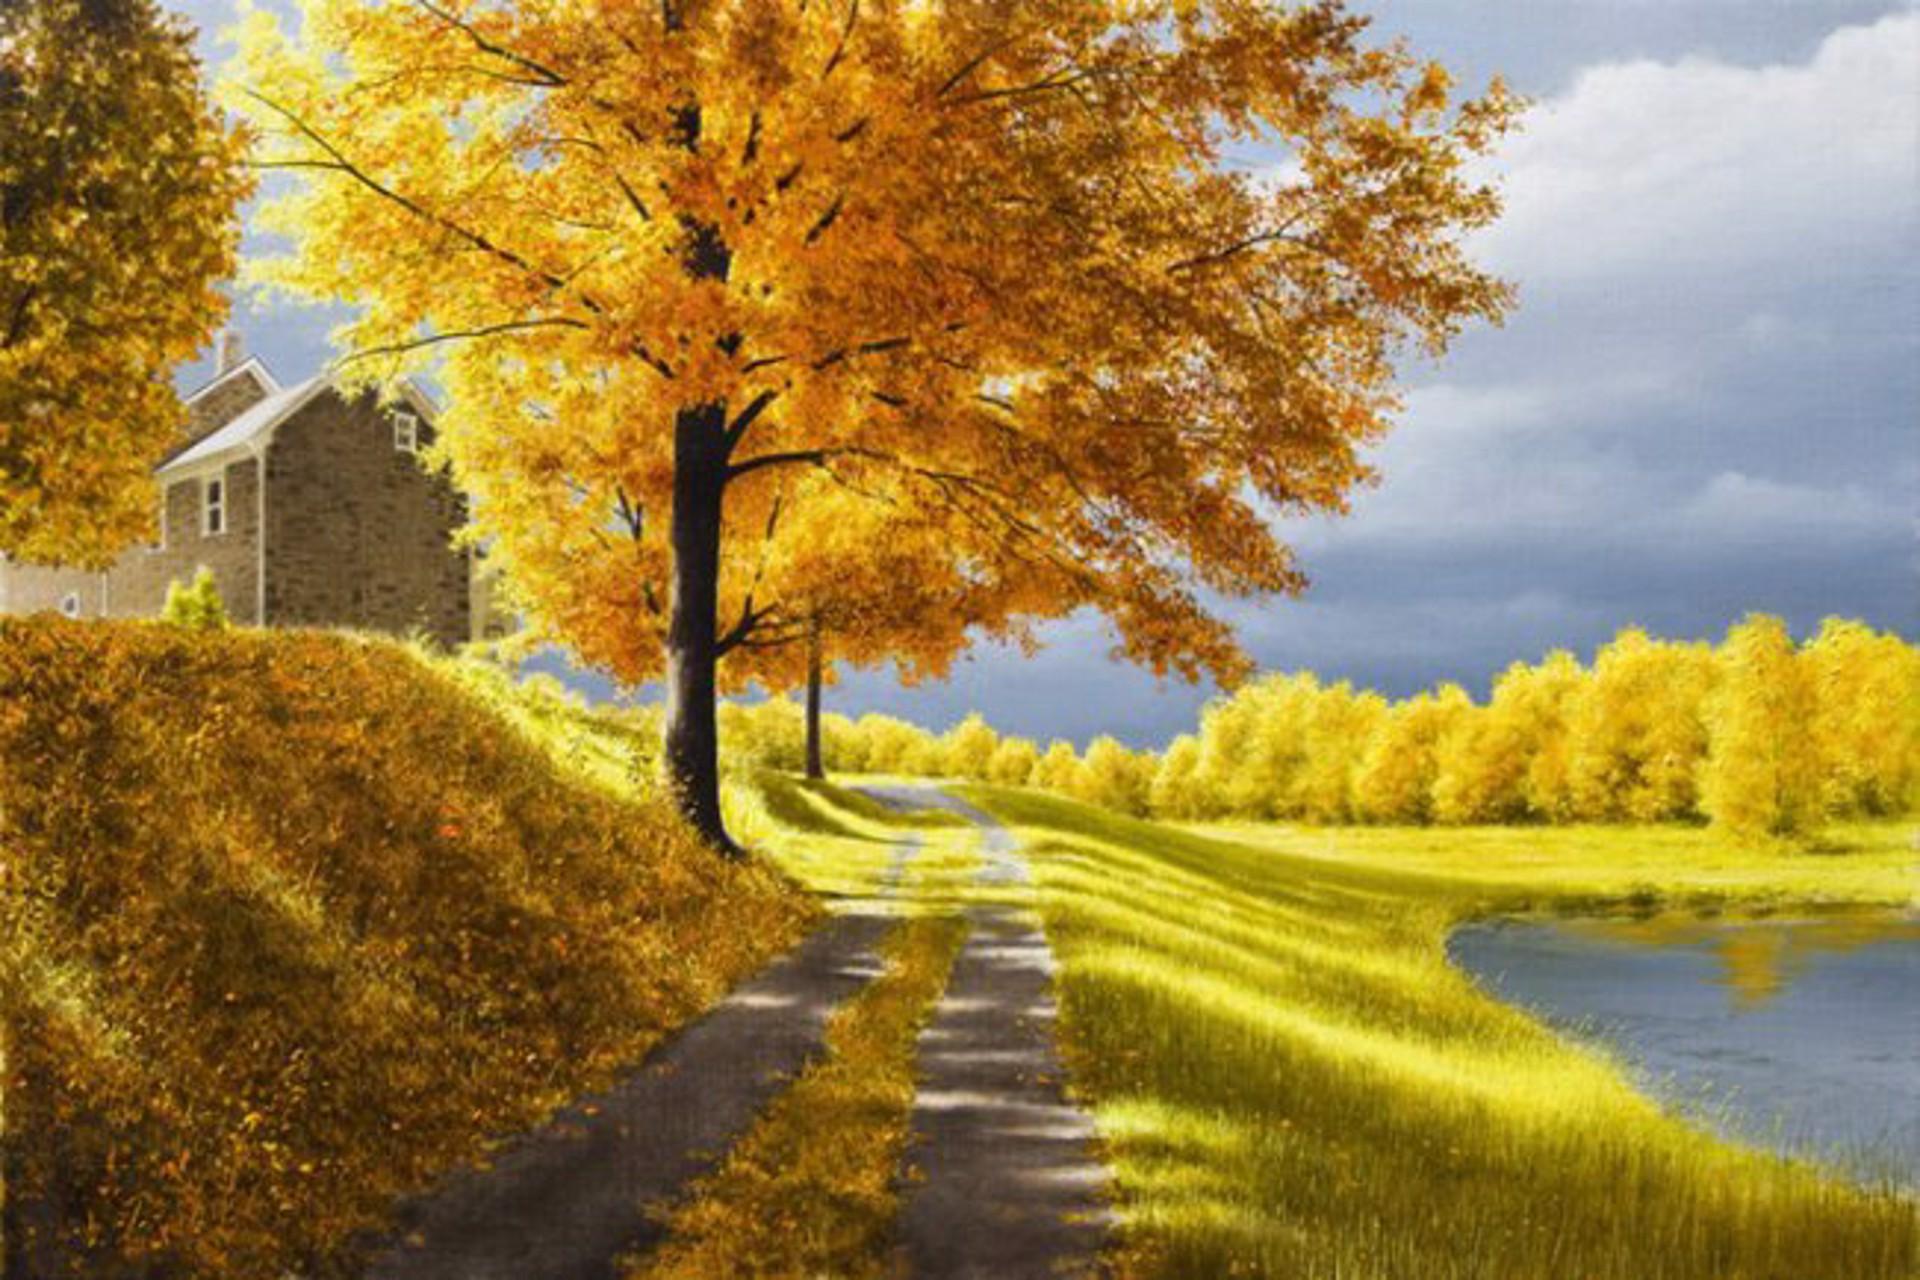 October Thunder by Alexander Volkov